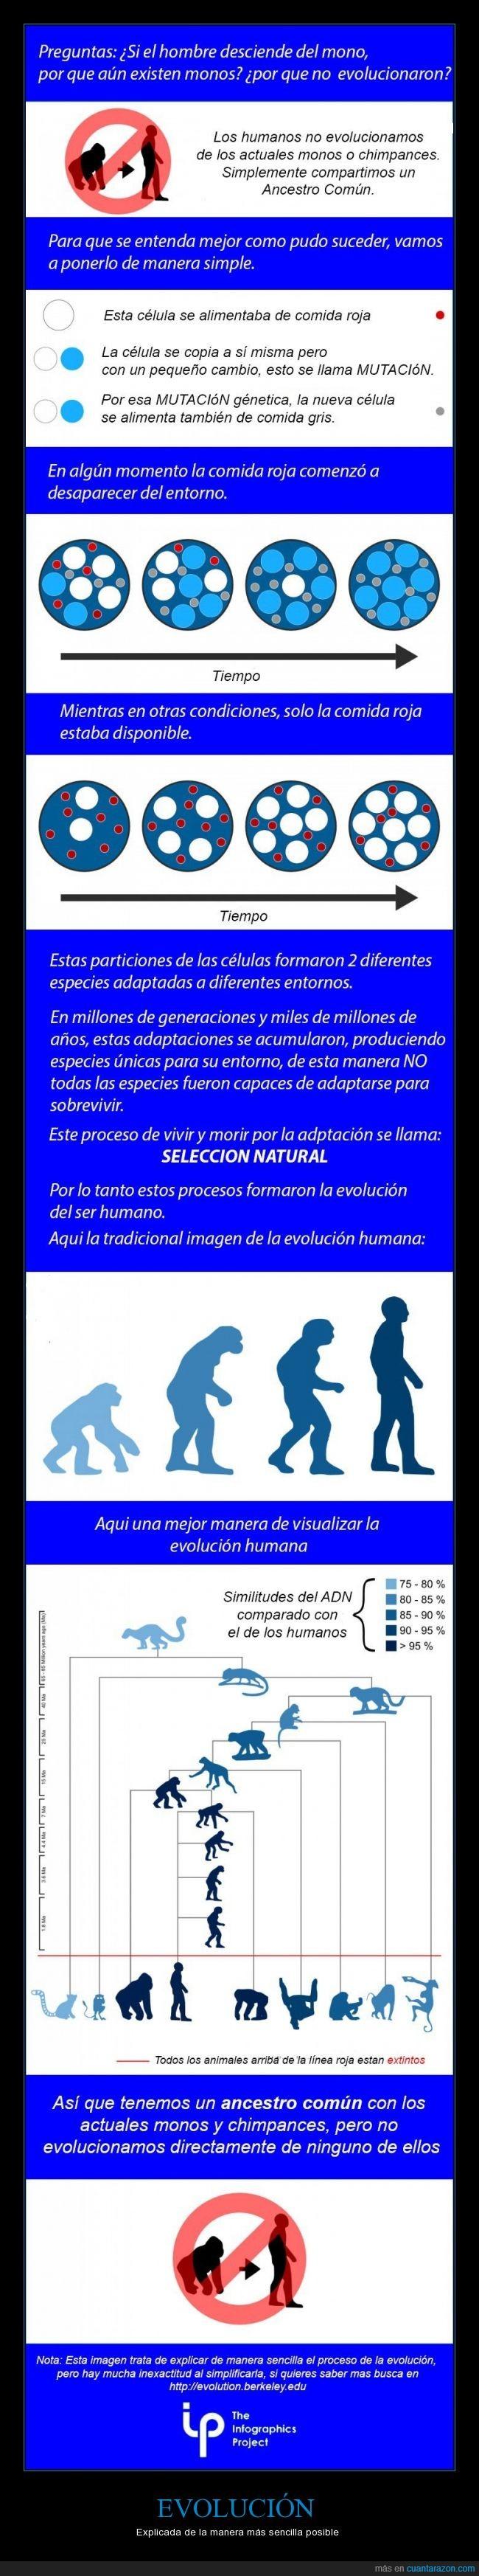 ancestro común,chimpacé,Evolución,explicación,mono